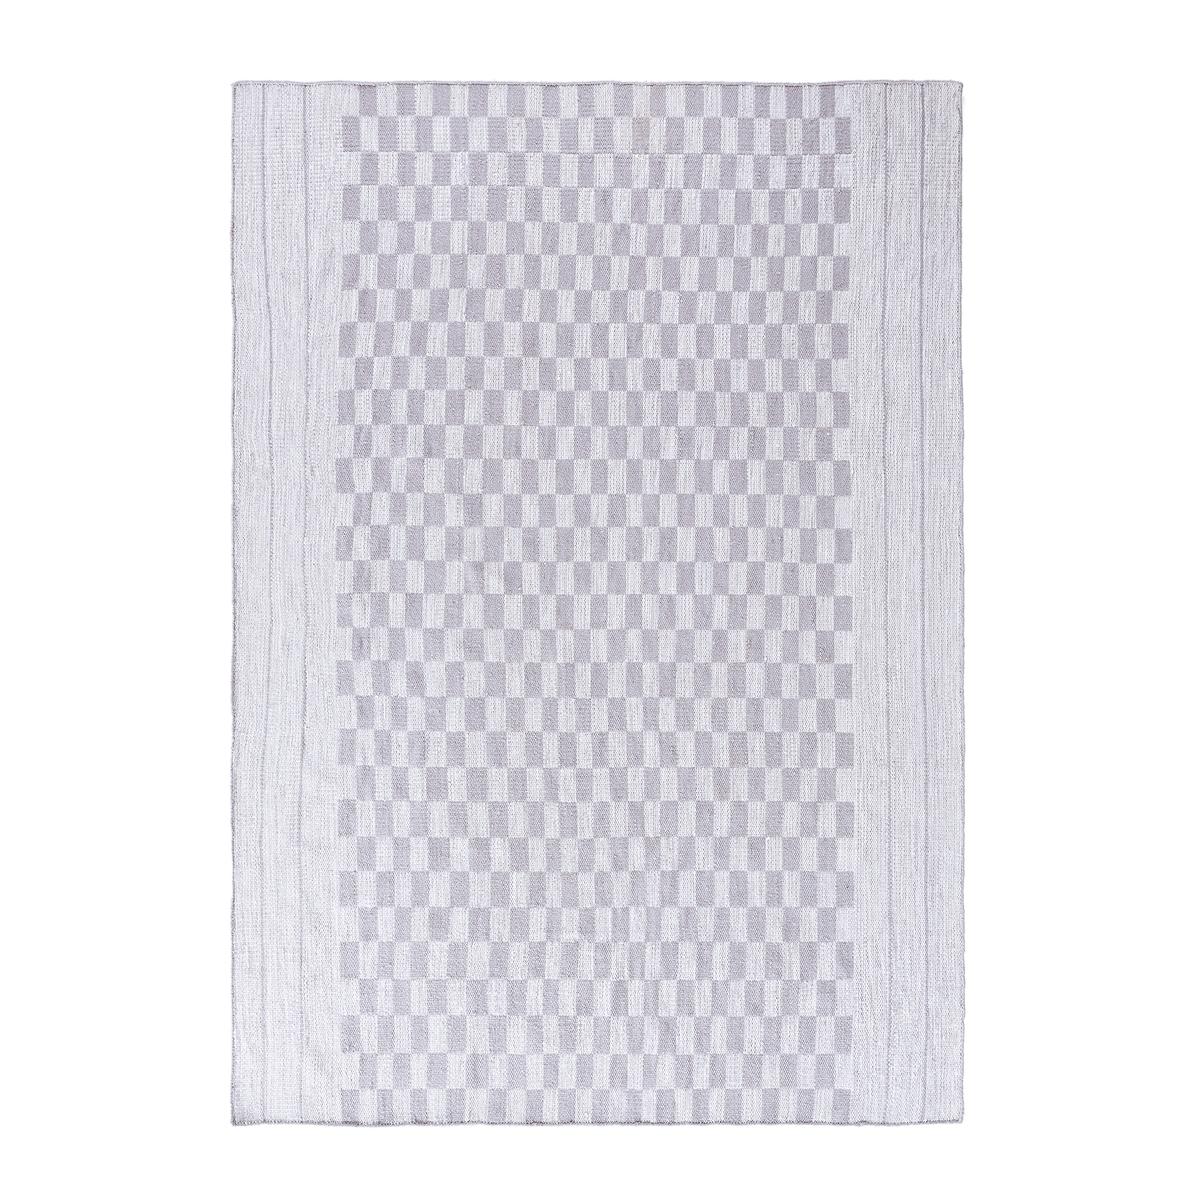 Ковер La Redoute Для помещения и открытого воздуха Madotto 160 x 230 см серый ковер sintelon tattoo 160x230 см 90wmw